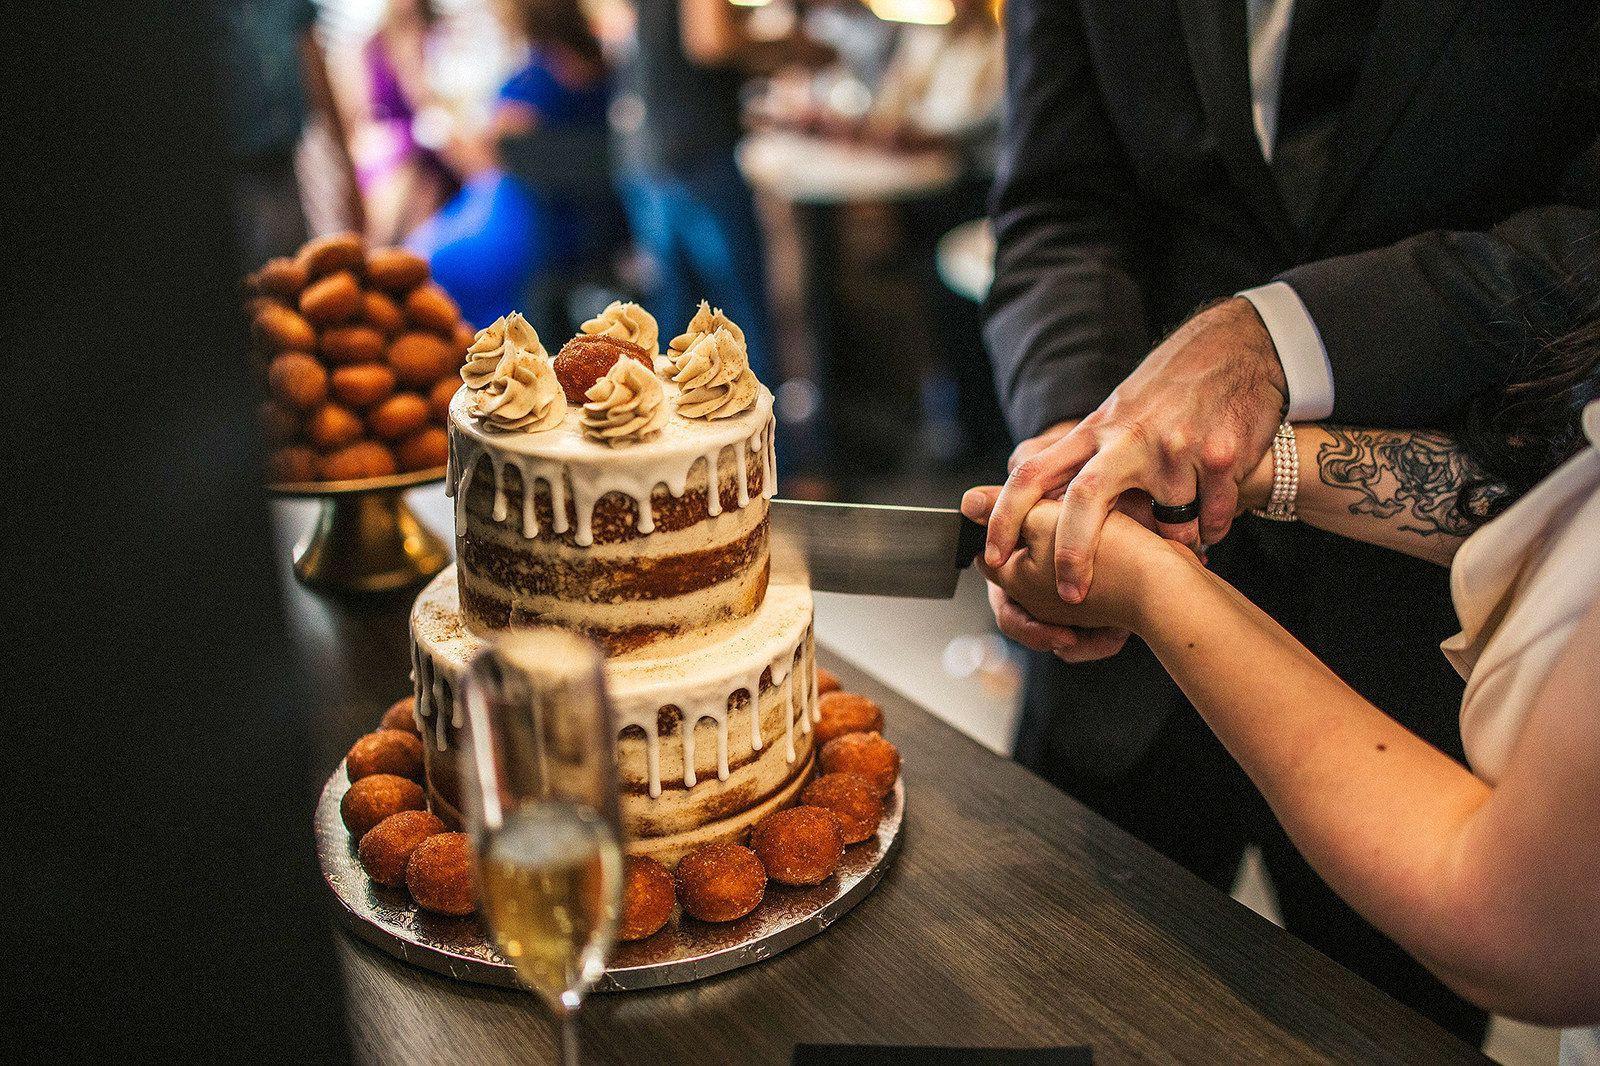 """Cửa hàng thức ăn nhanh cung cấp dịch vụ hôn lễ """"nhanh"""" trọn gói chỉ với hơn 10 triệu đồng - Ảnh 4."""